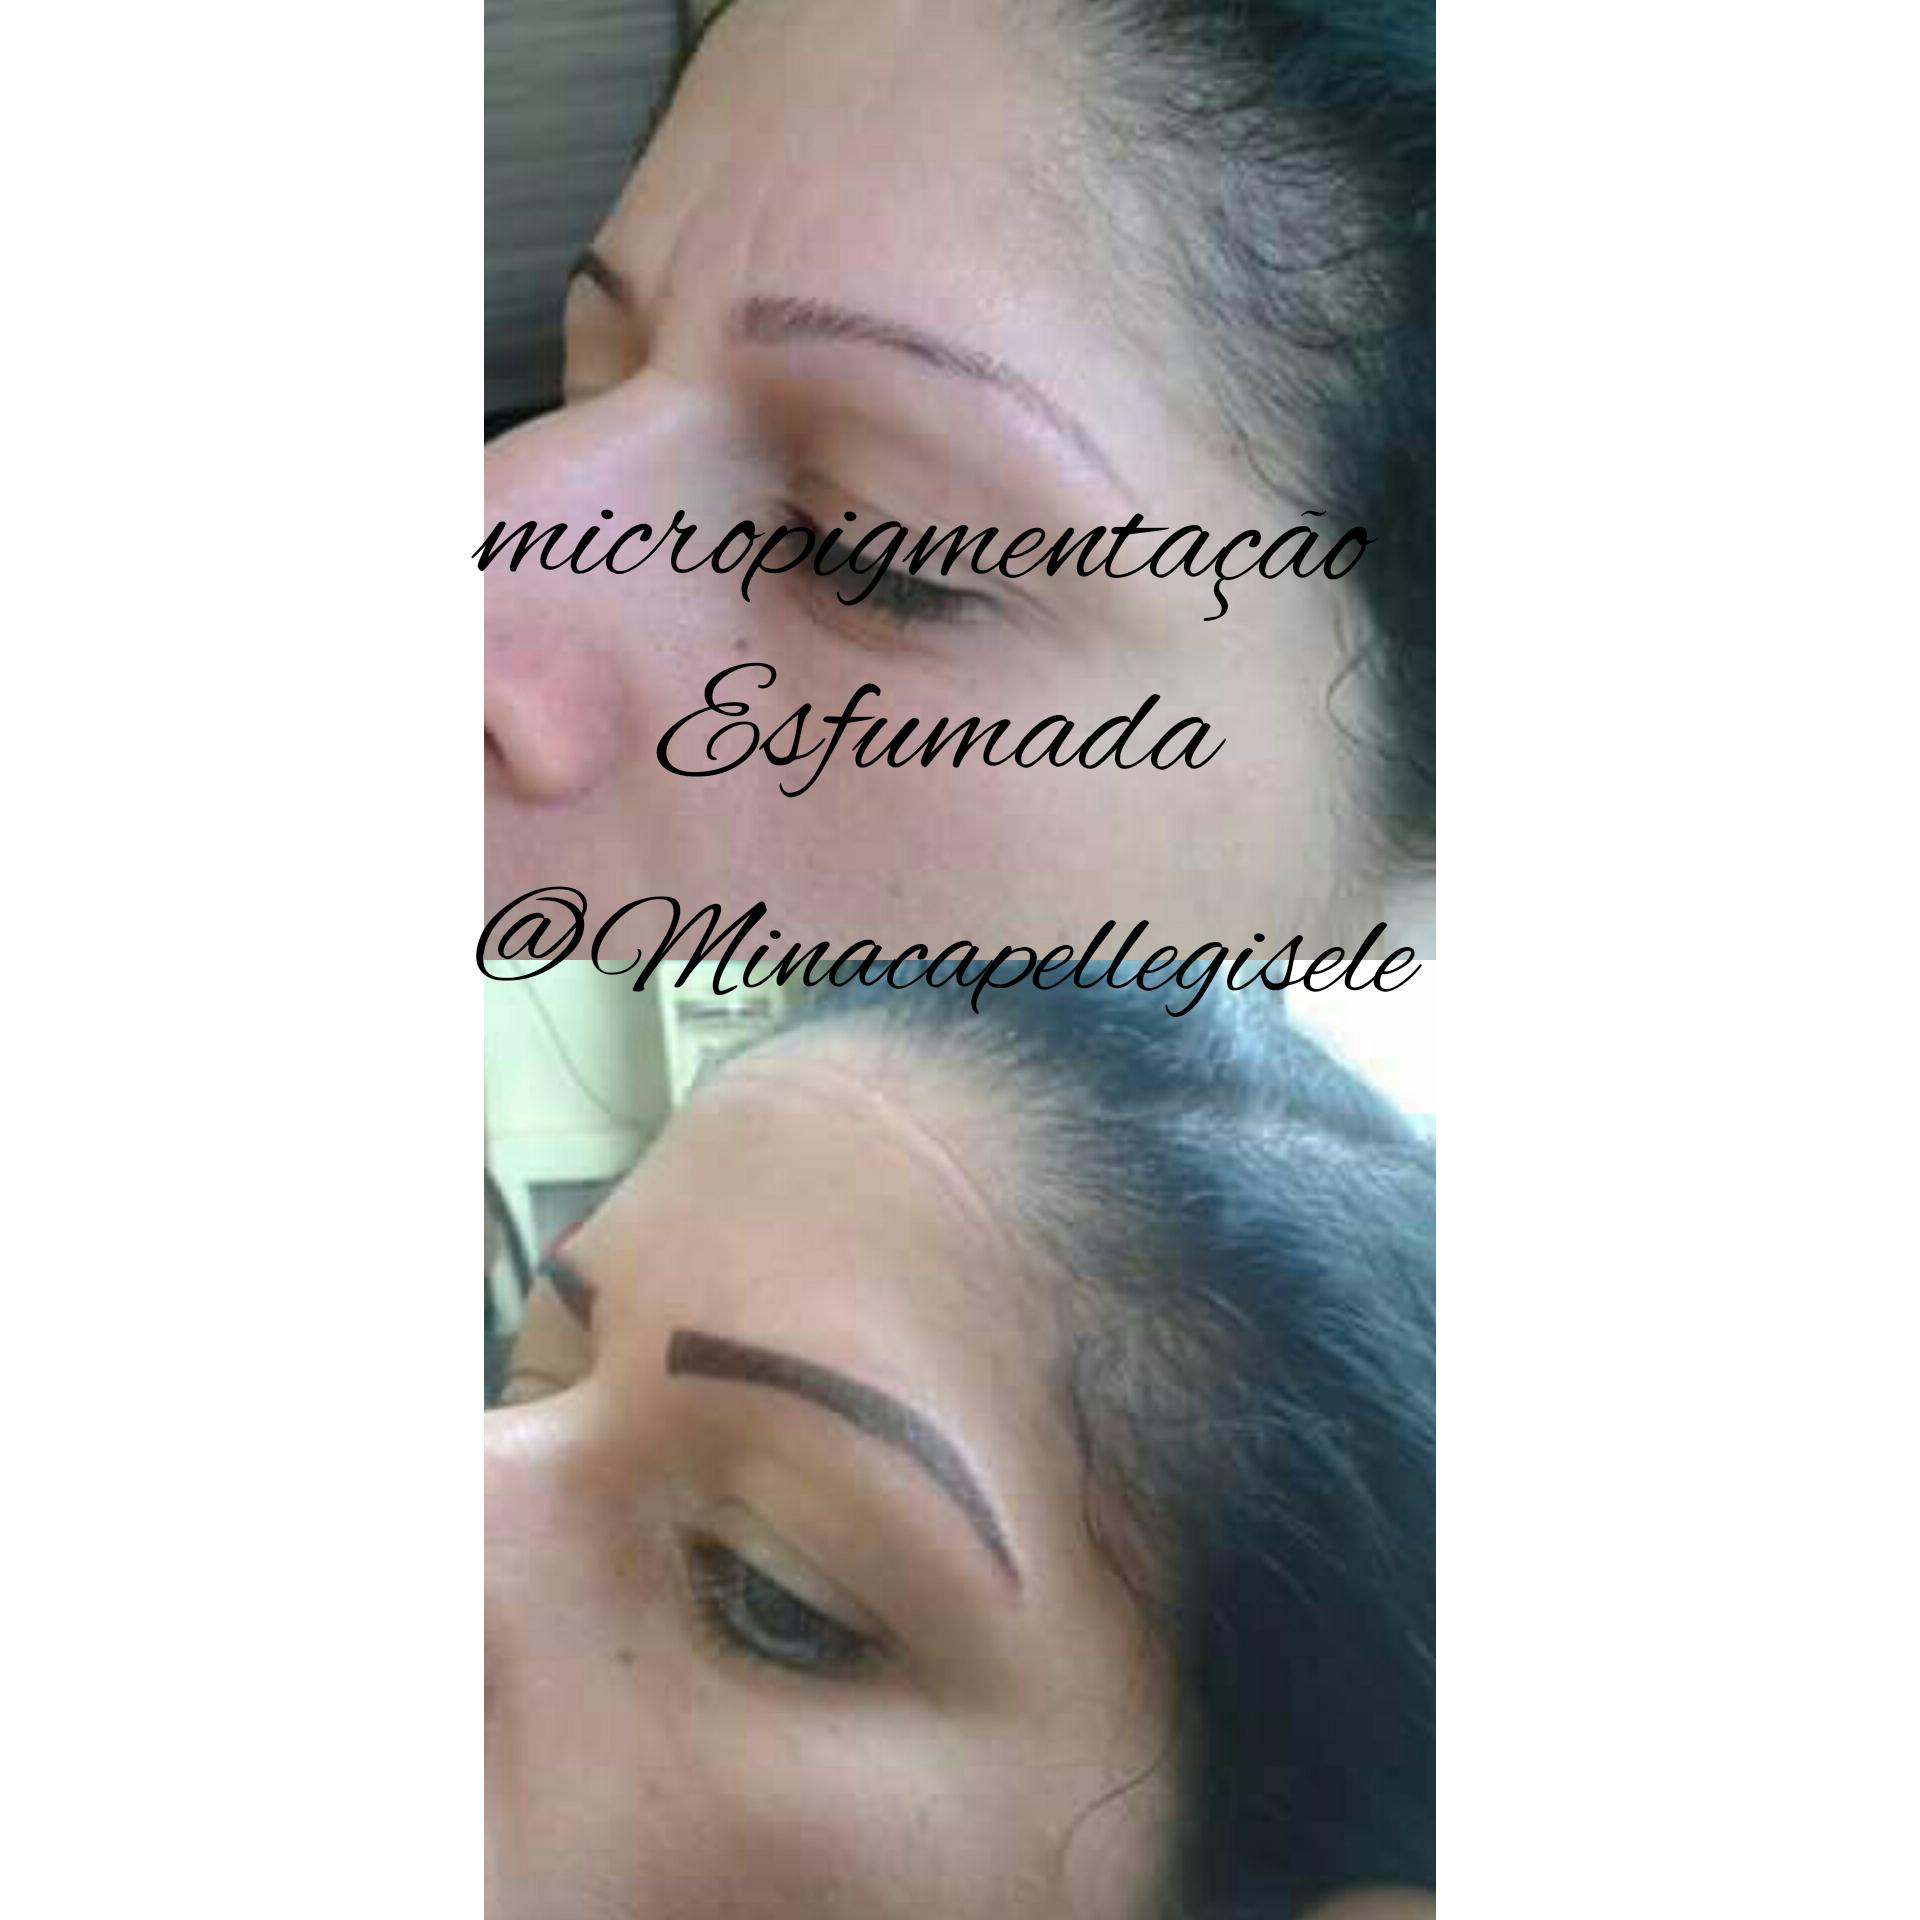 Micropigmentação esfumada logo após do procedimento, manter os cuidados nessesario para obtener o resultado natural em 30 dias.  estética cabeleireiro(a) designer de sobrancelhas micropigmentador(a)